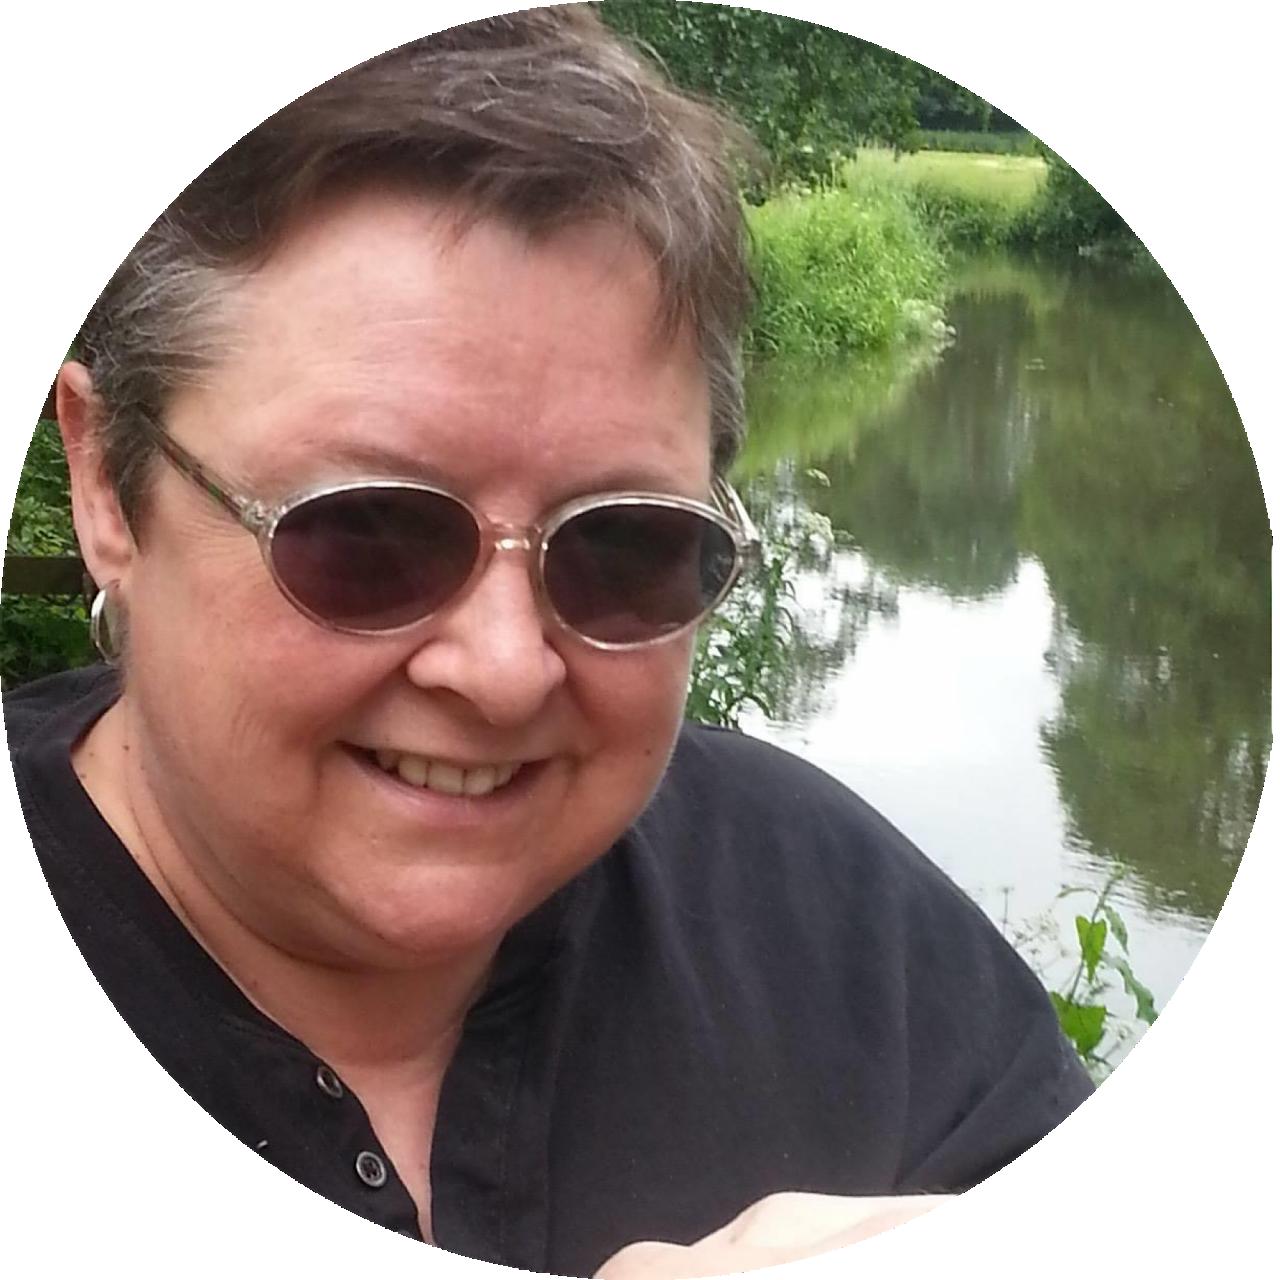 Helen Davita at Fitzpatrick referrals